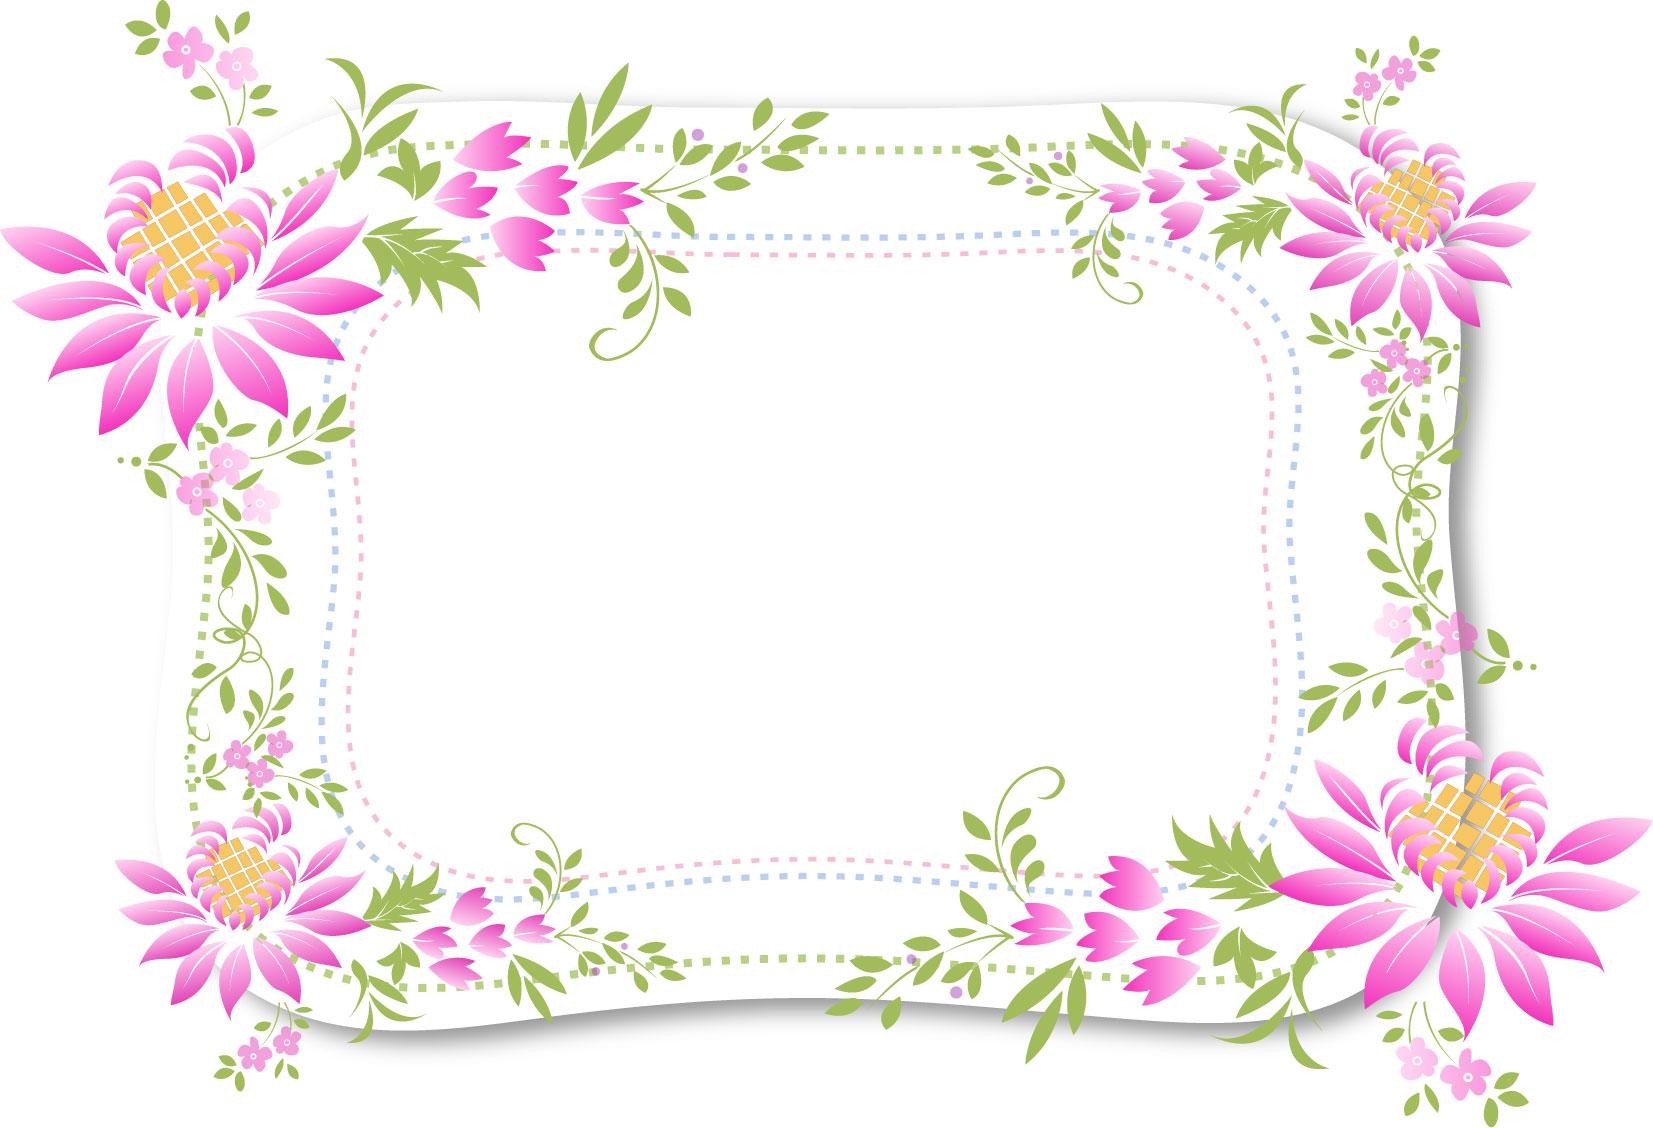 花のイラスト・フリー素材/フレーム枠no.488『紫・葉・点線』